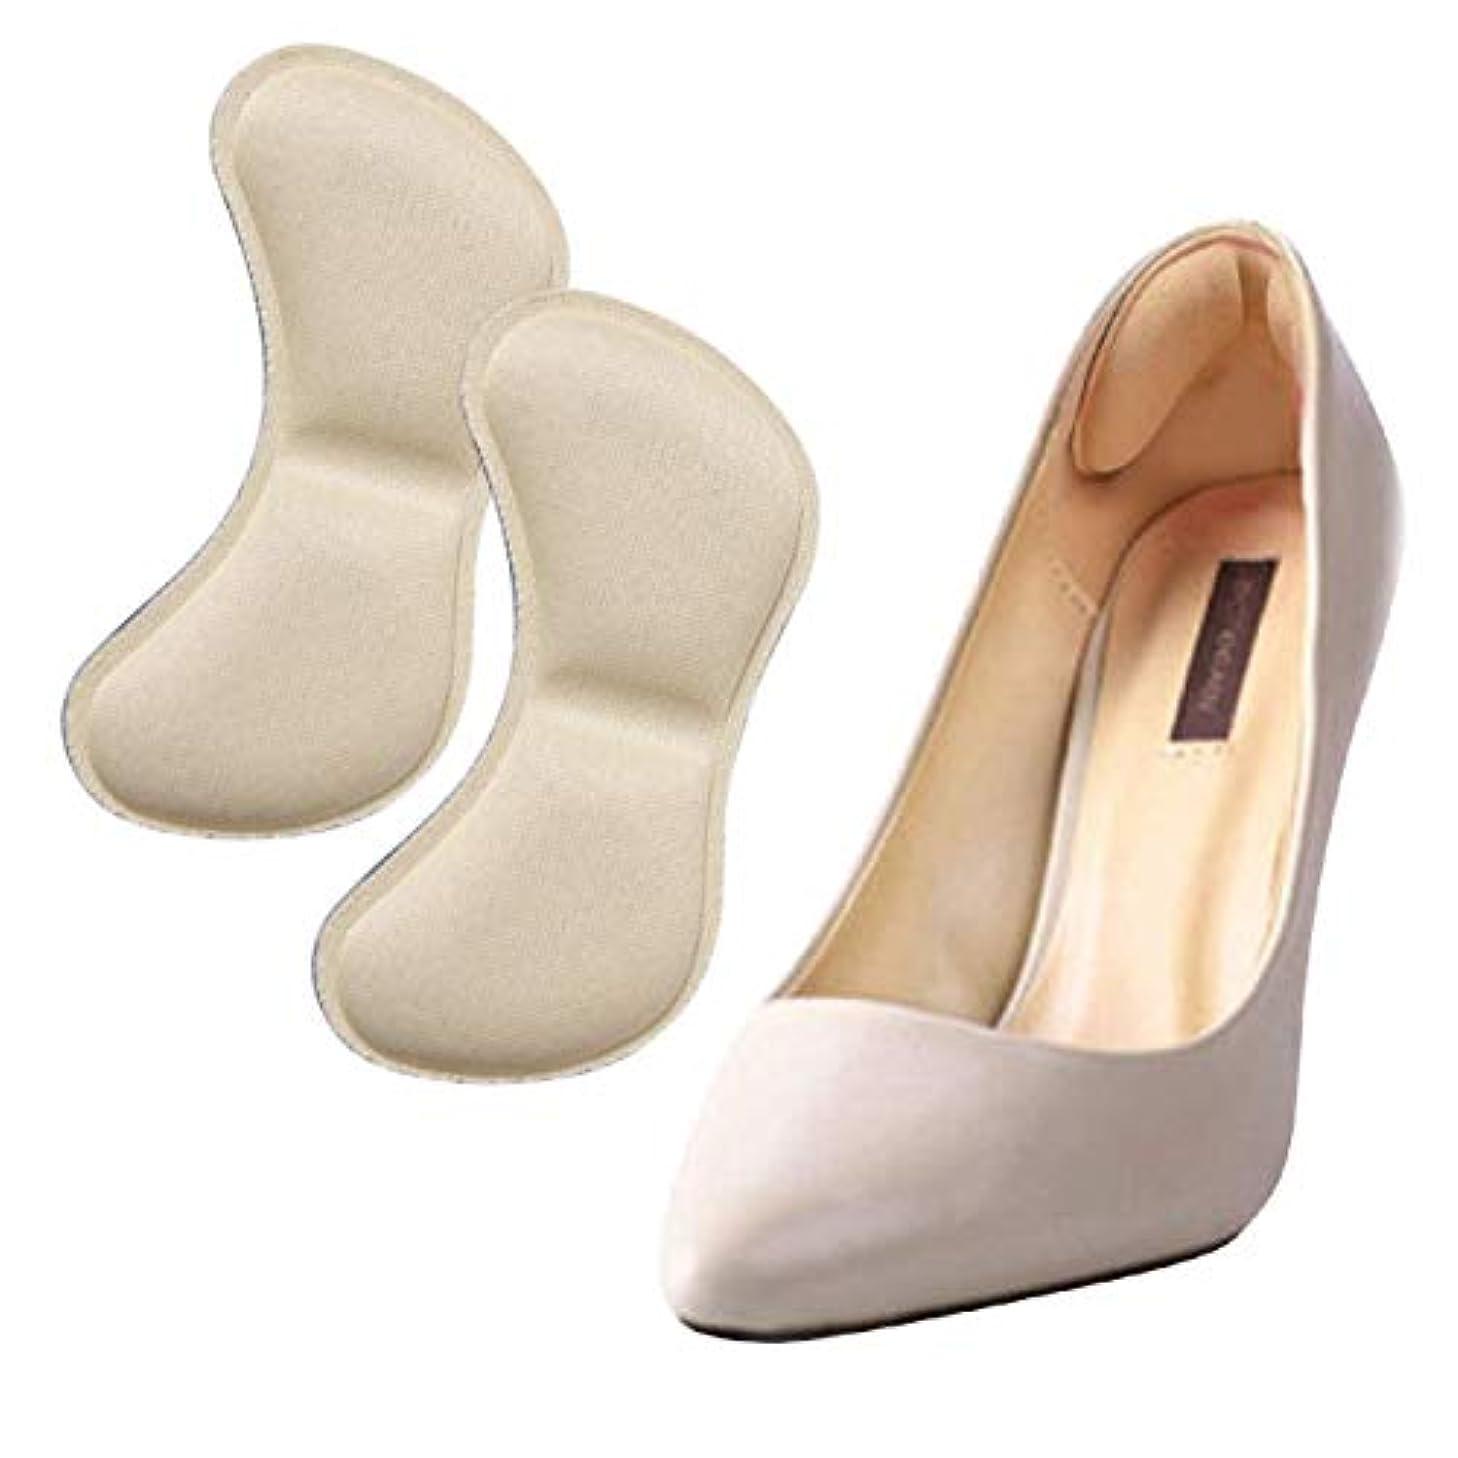 生息地治療第二sac taske かかとパッド レディース 靴ずれ 防止 パッド かかと 足用 ヒール 保護 10足 (ベージュ 10足セット)